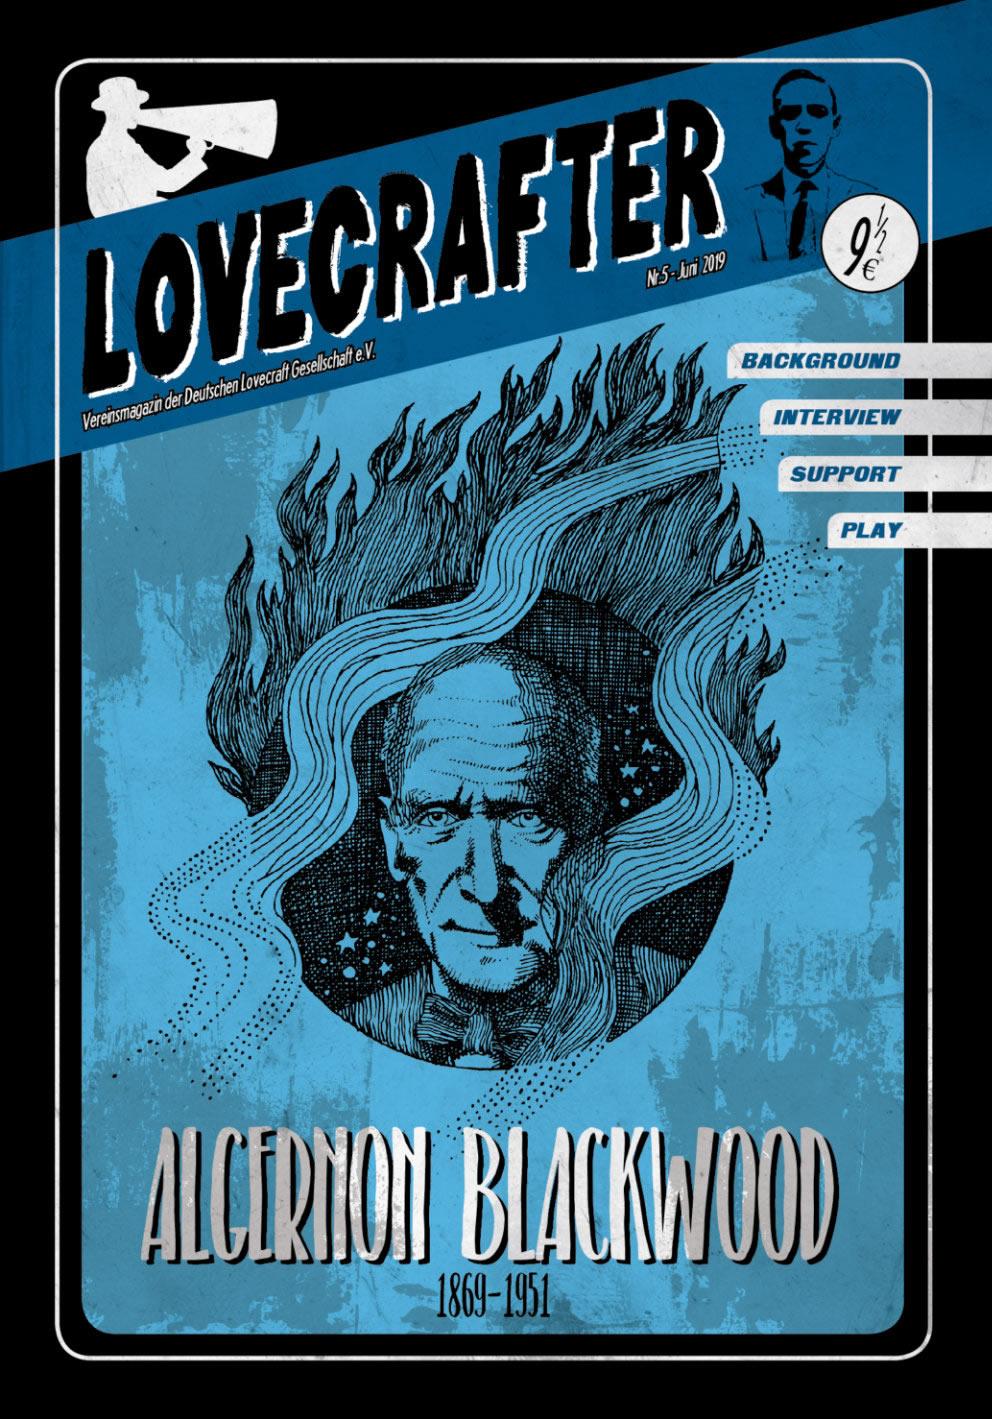 Lovecrafter Nr.5 - Juni 2019 (Das Vereinsmagazin der Deutschen Lovecraft Gesellschaft)